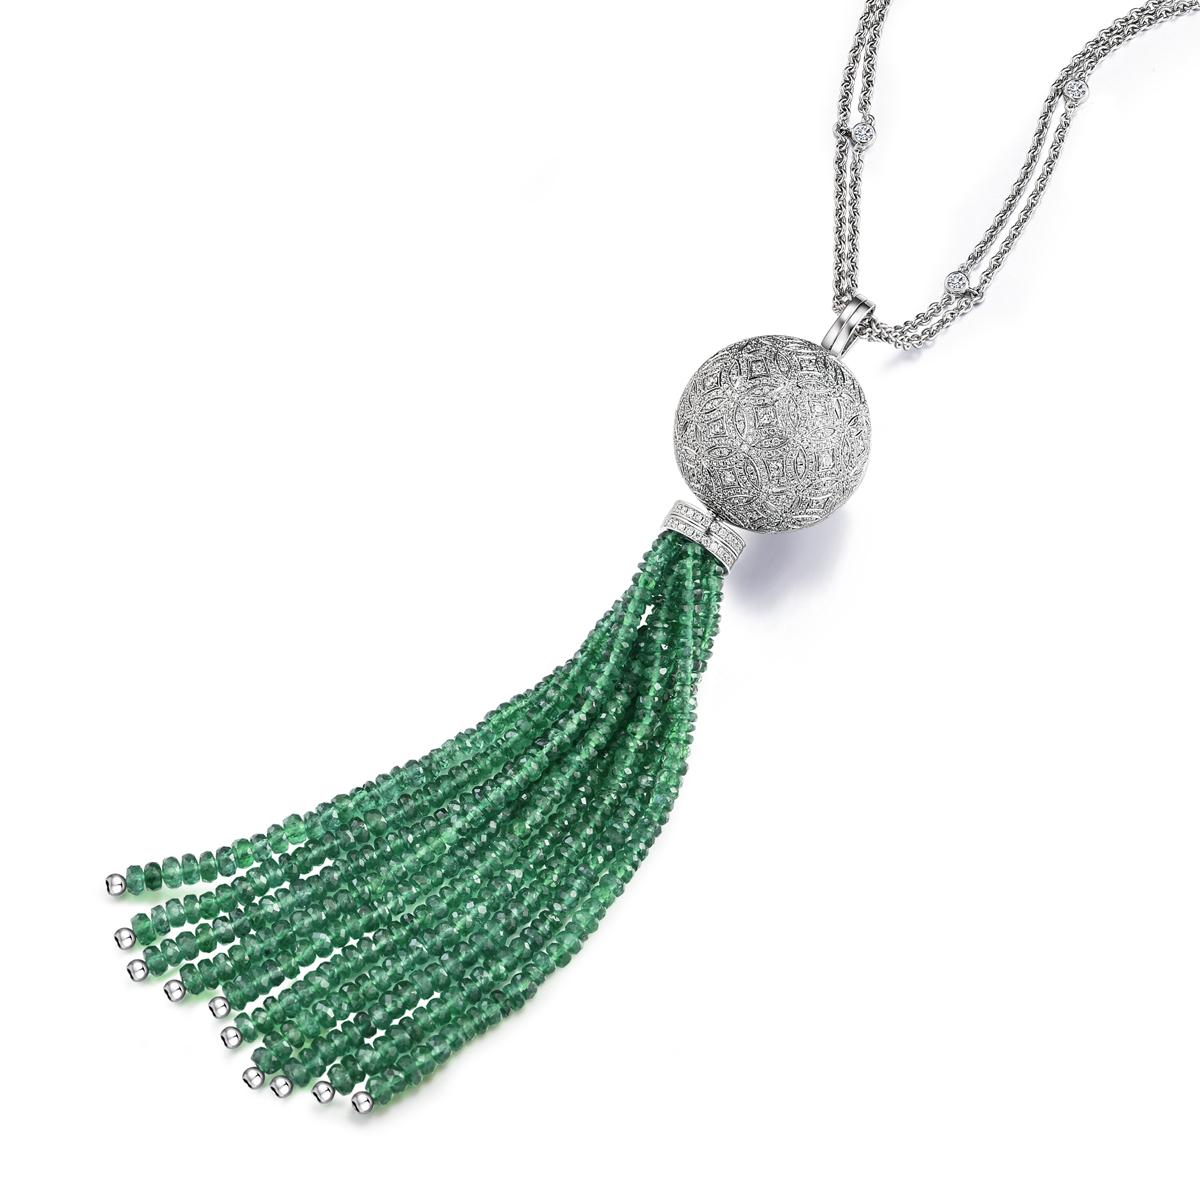 香囊系列18k白金镶钻石及沙祖母绿流苏项链